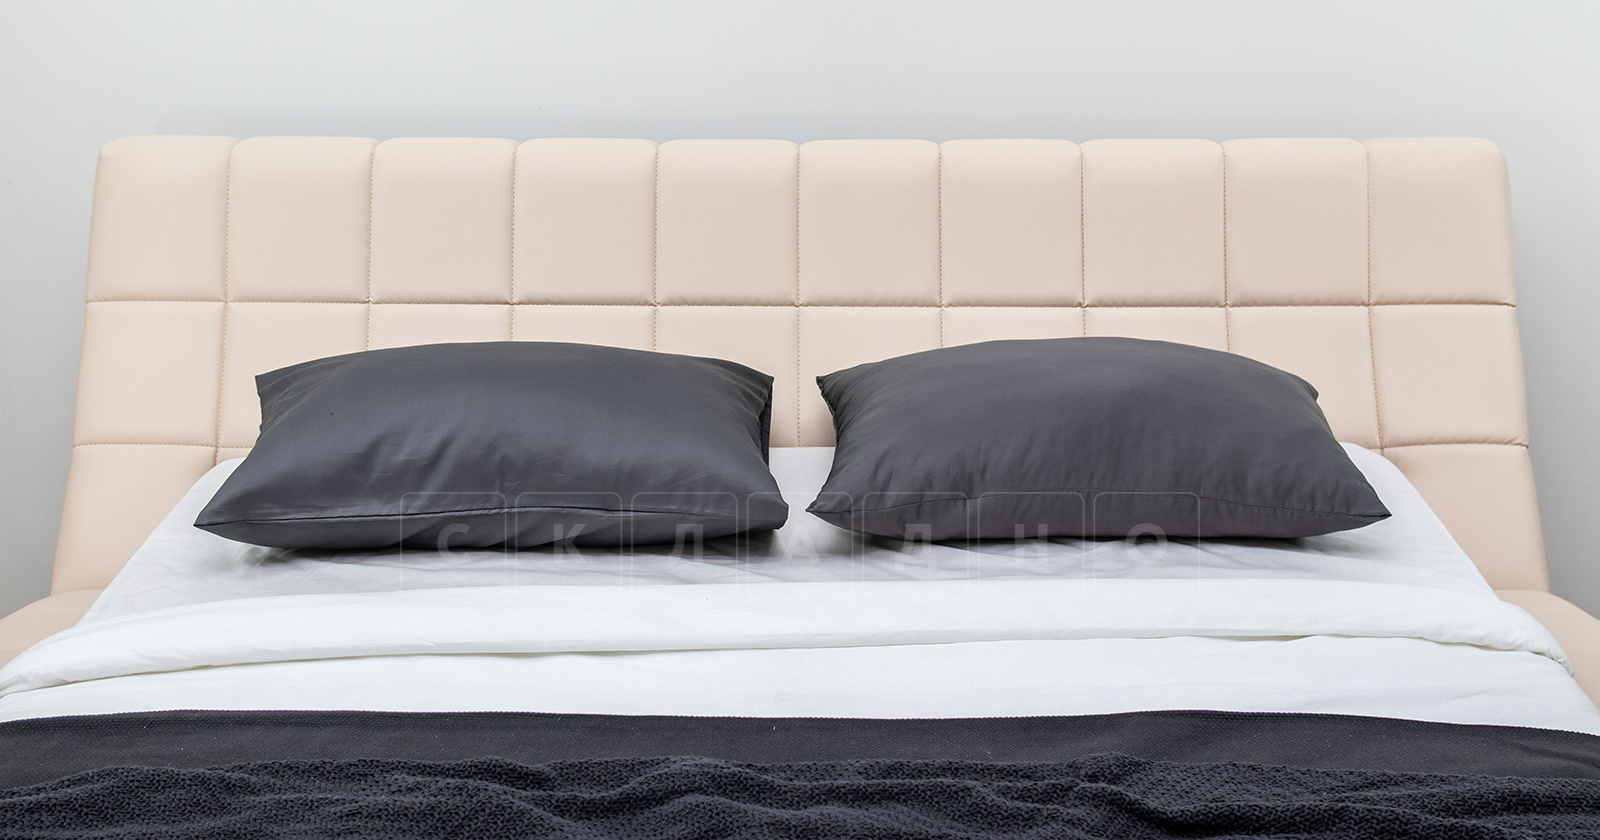 Мягкая кровать Оливия 160 см экокожа бежевый фото 14 | интернет-магазин Складно